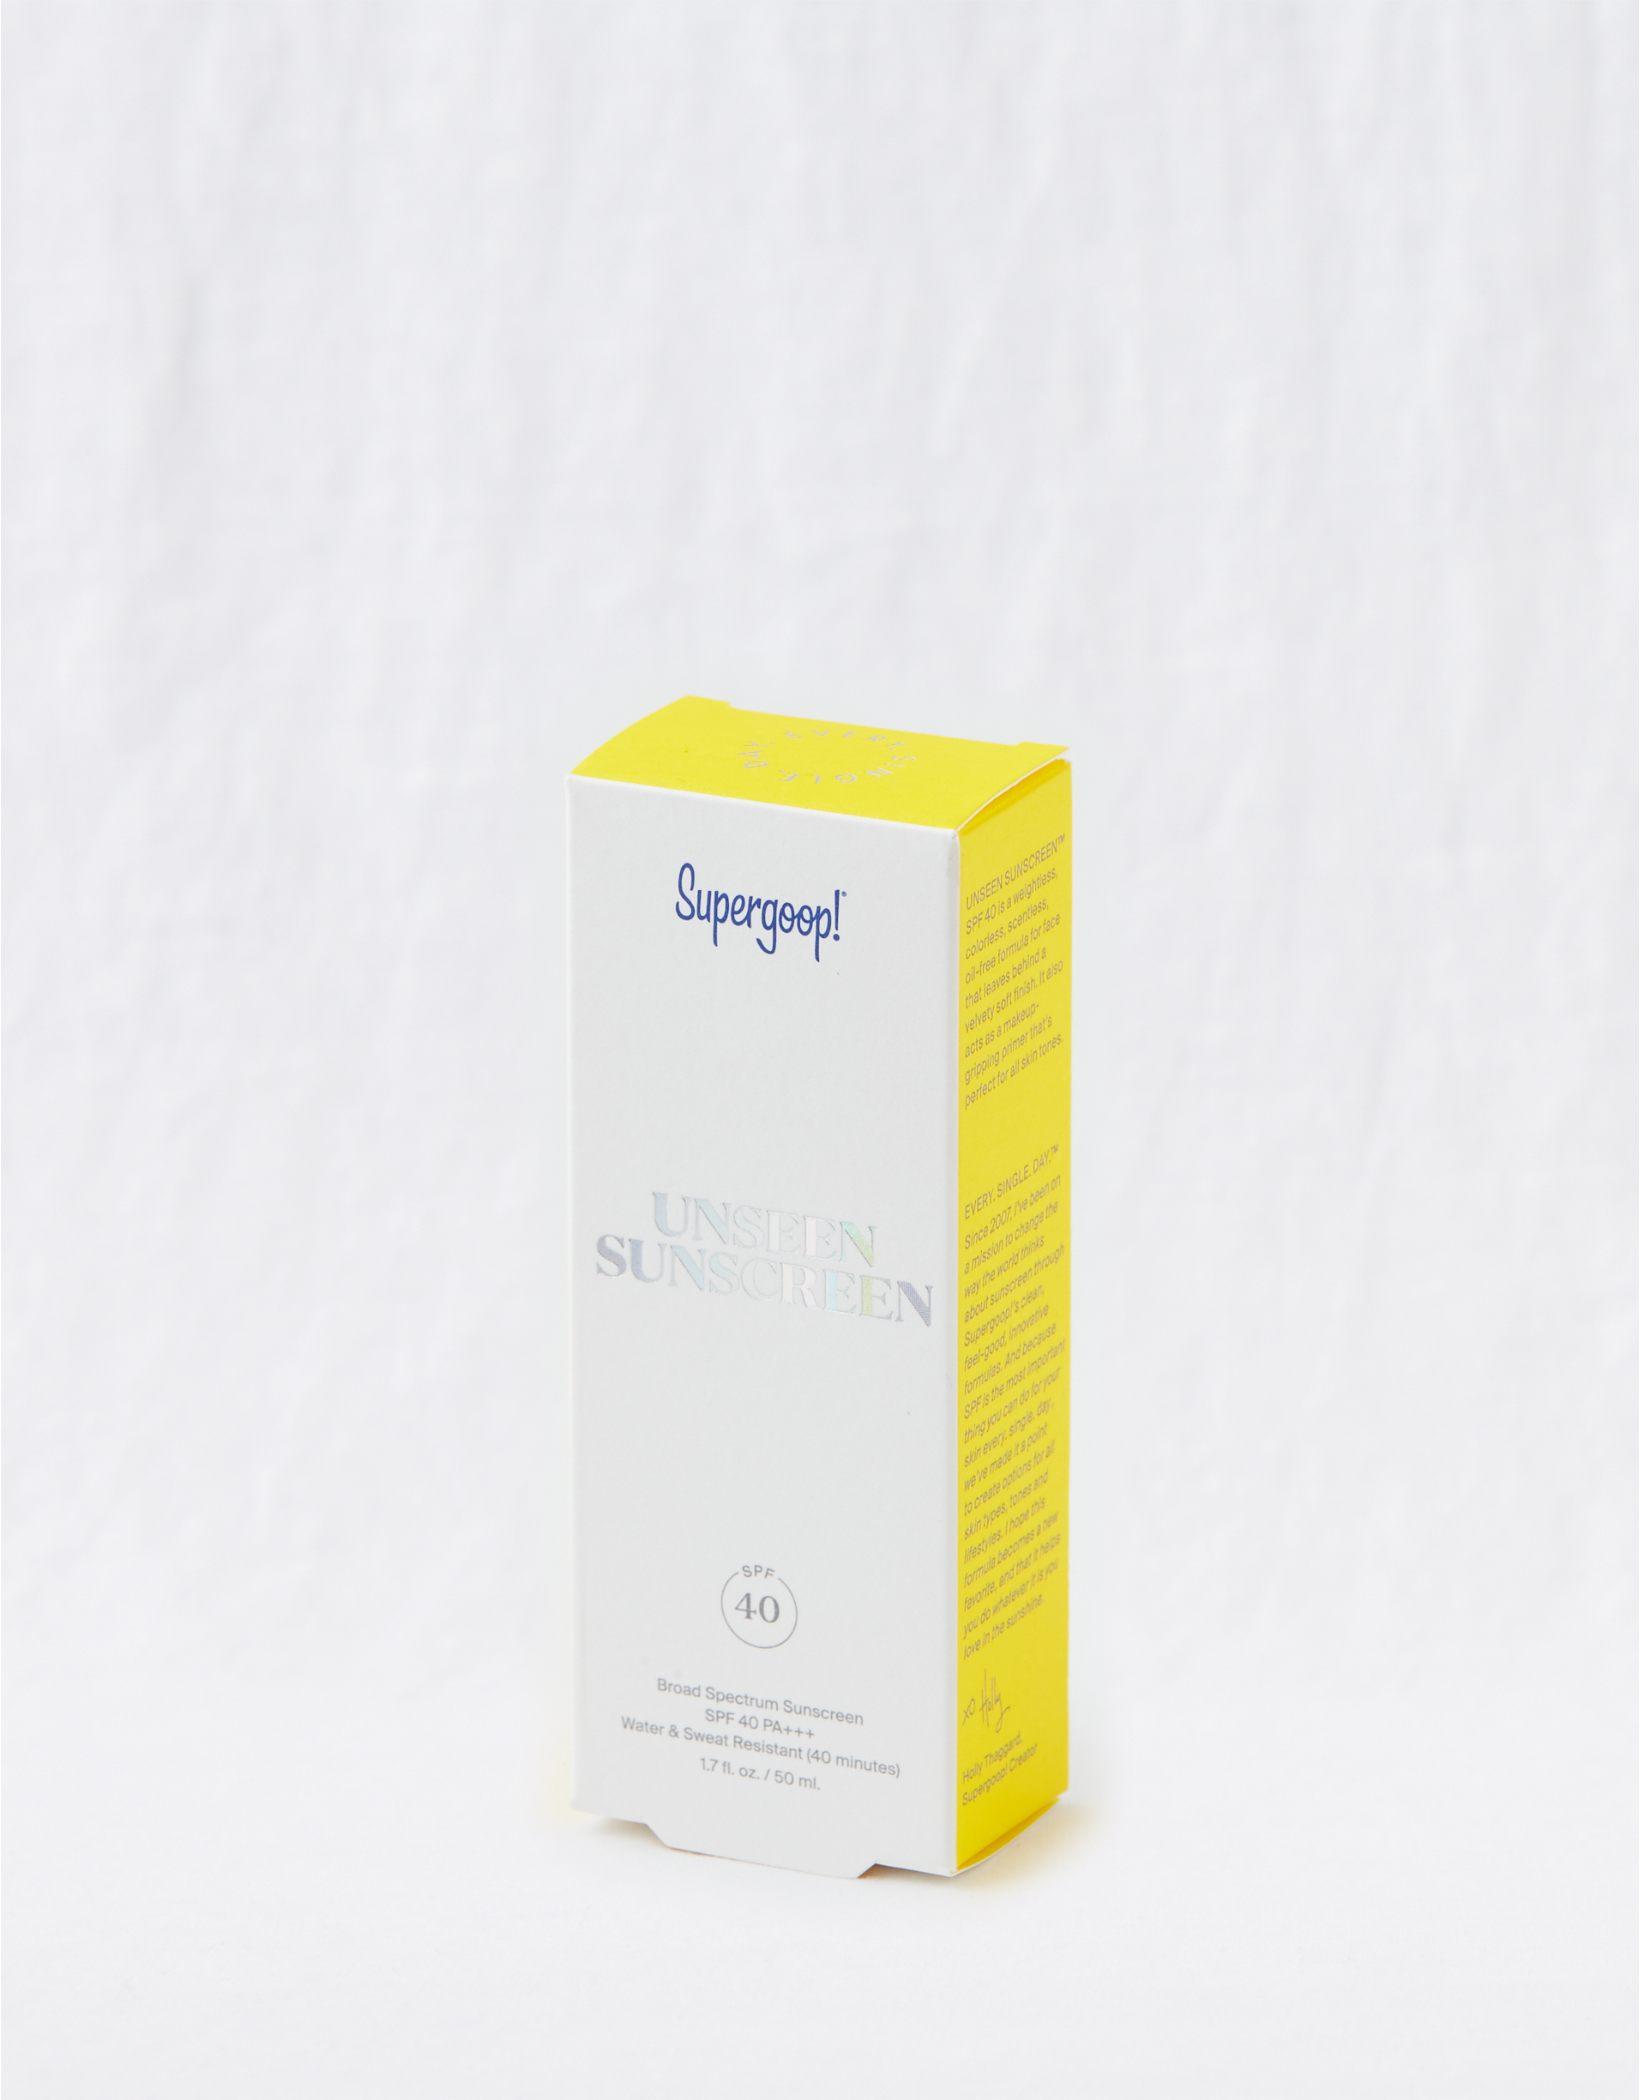 Supergoop!® Unseen Sunscreen SPF 40 1.7 Oz